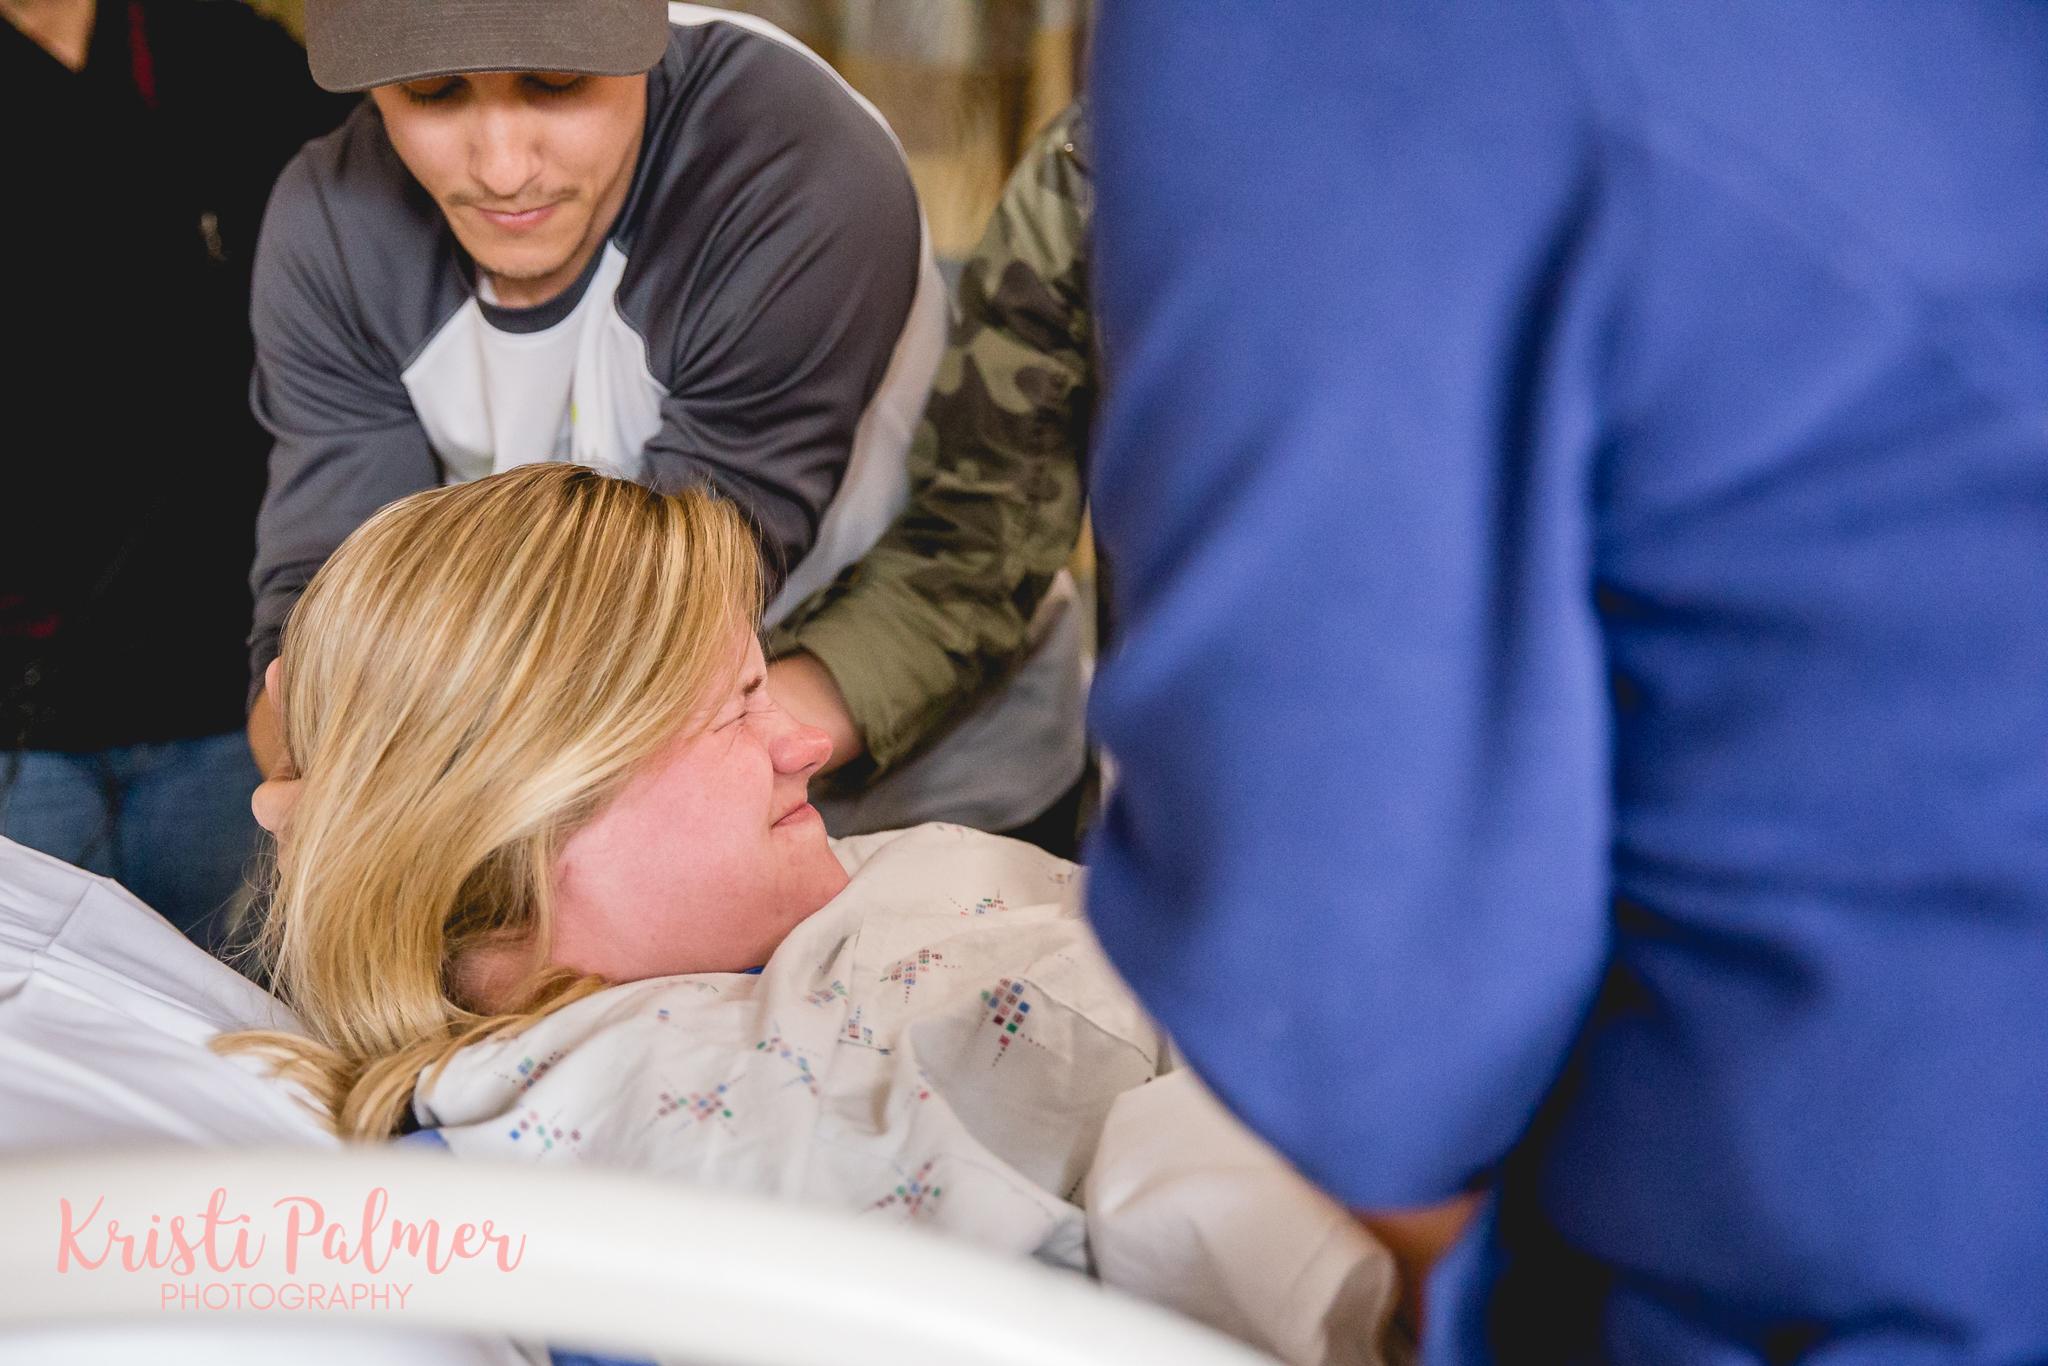 tulsa birth photo mom pushing